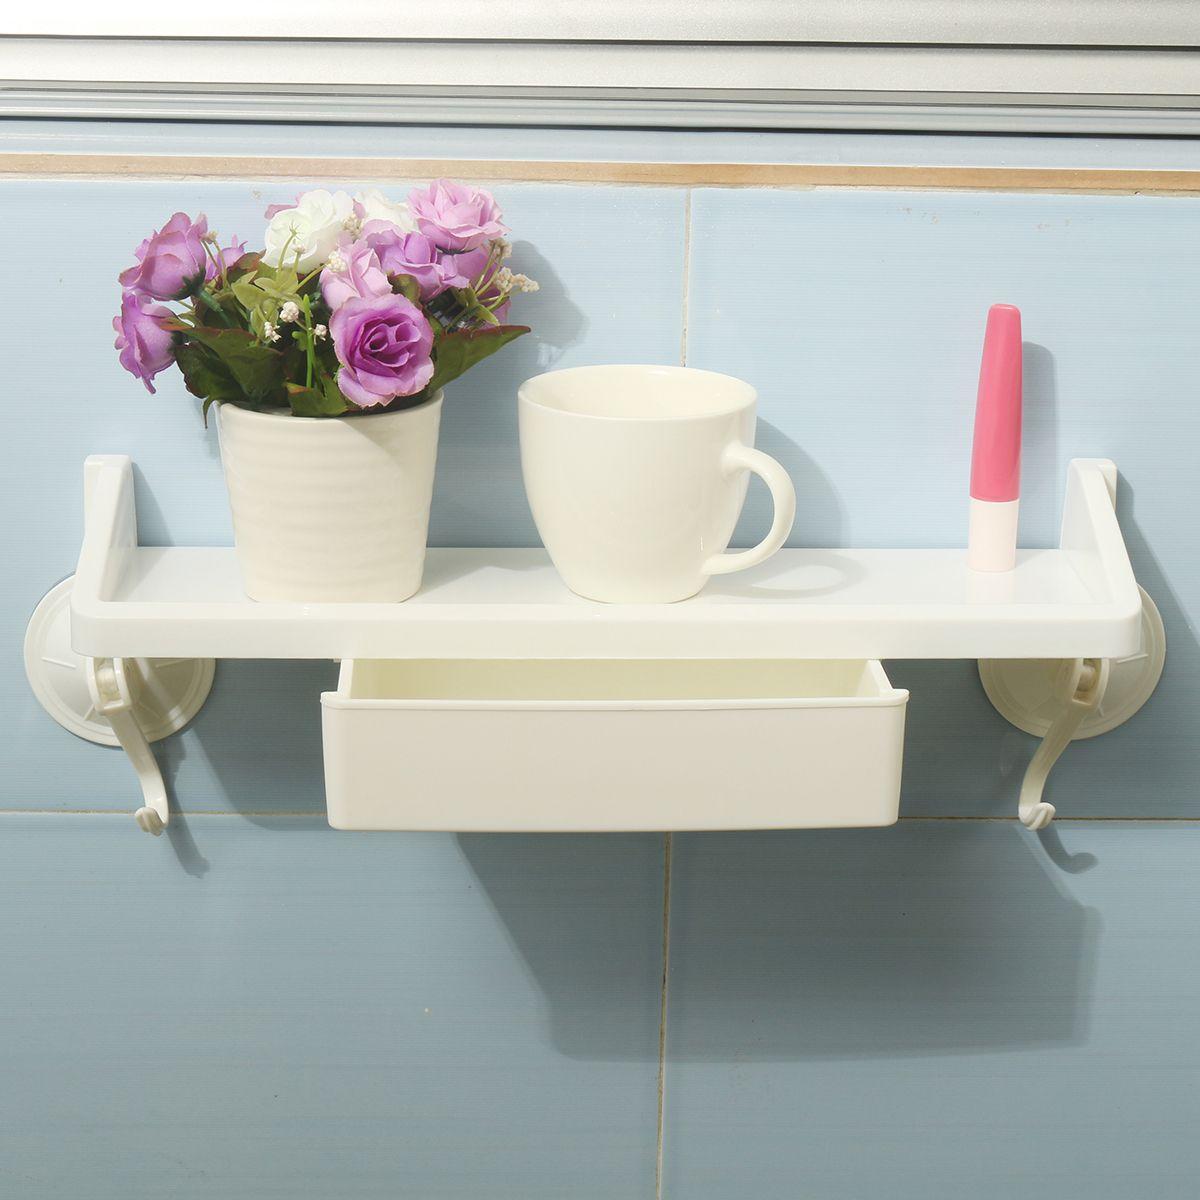 Us 13 90 Saugnapf Regal Mit Schublade Kuche Badezimmer Badezimmer From Haus Und Garten On Banggood Com Schubladen Regal Badezimmer Puerto Rico